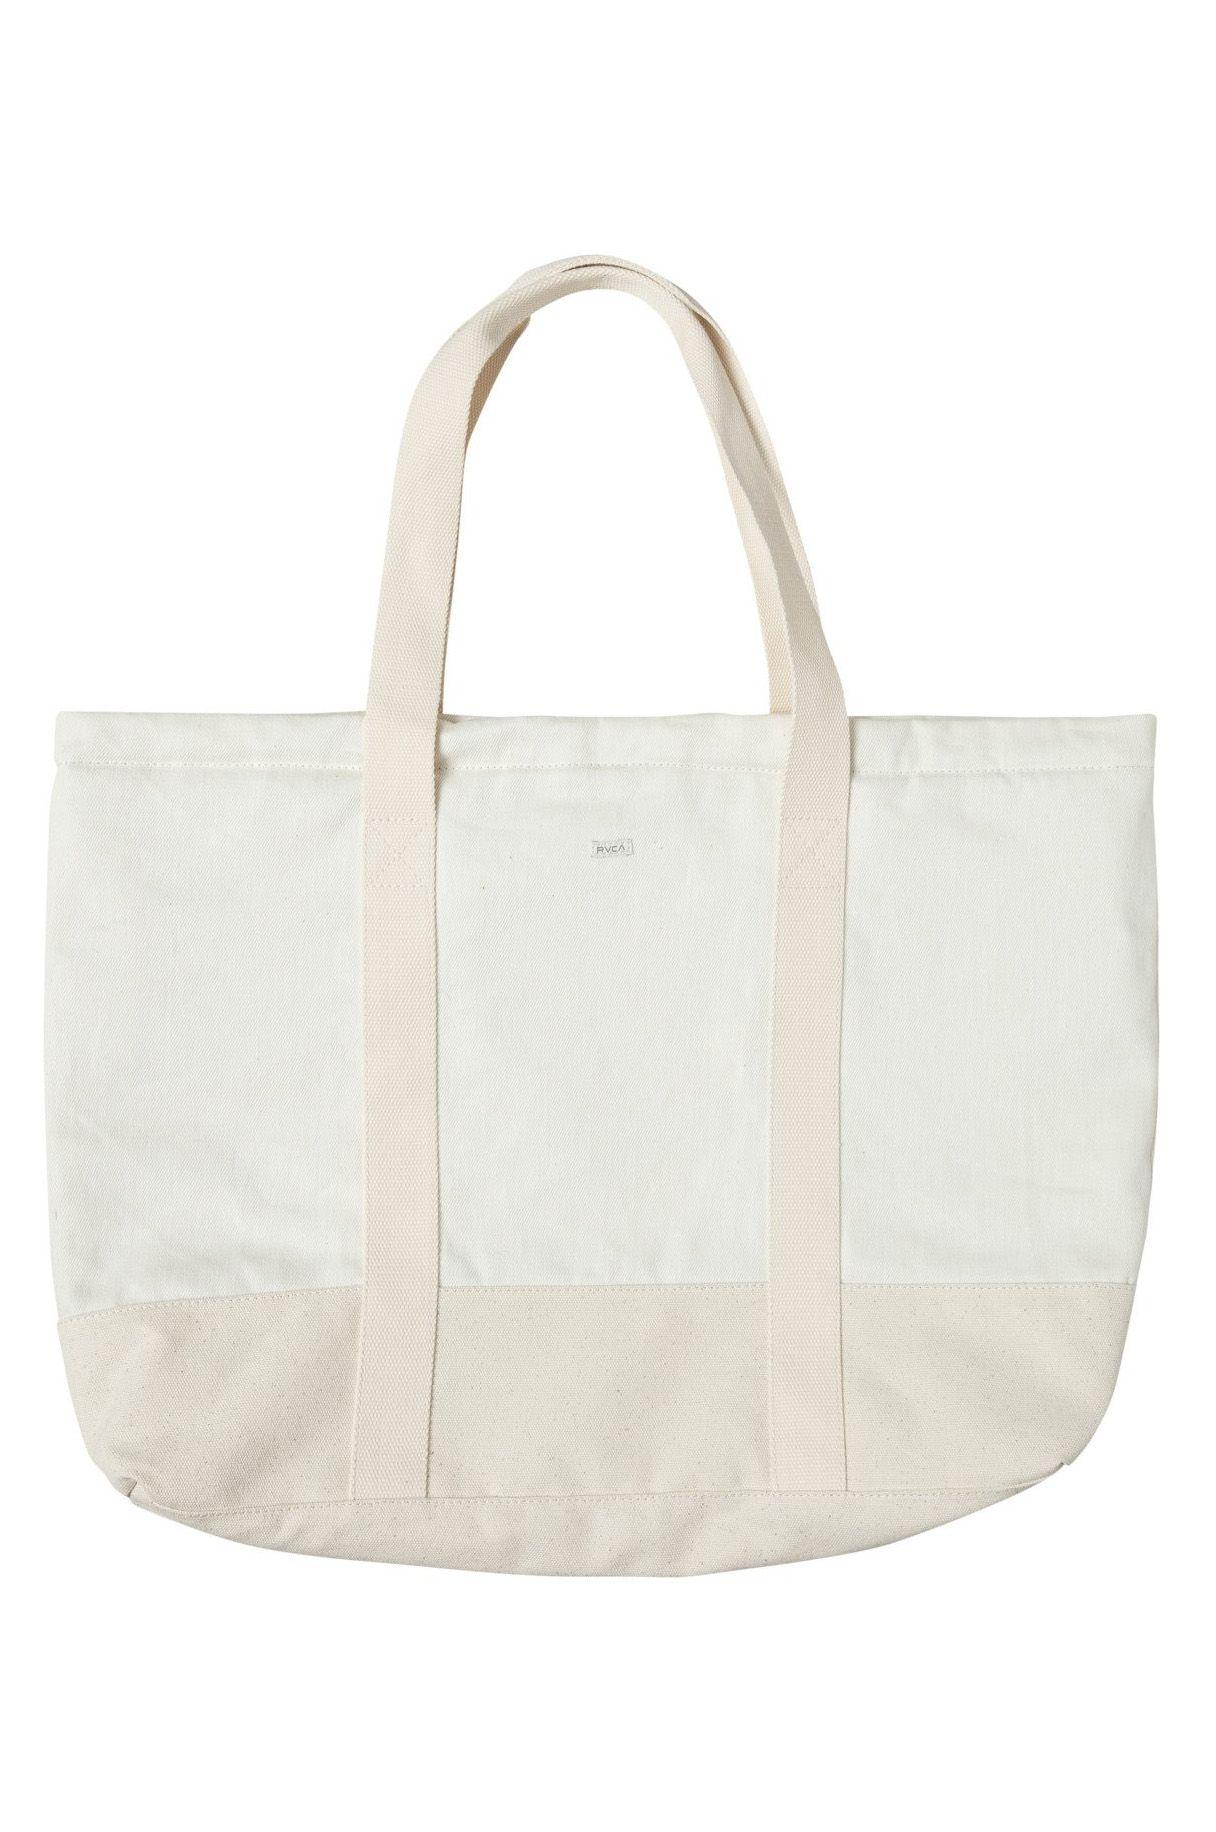 RVCA Bag NEUTRAL TOTE NEUTRAL Silver Bleach